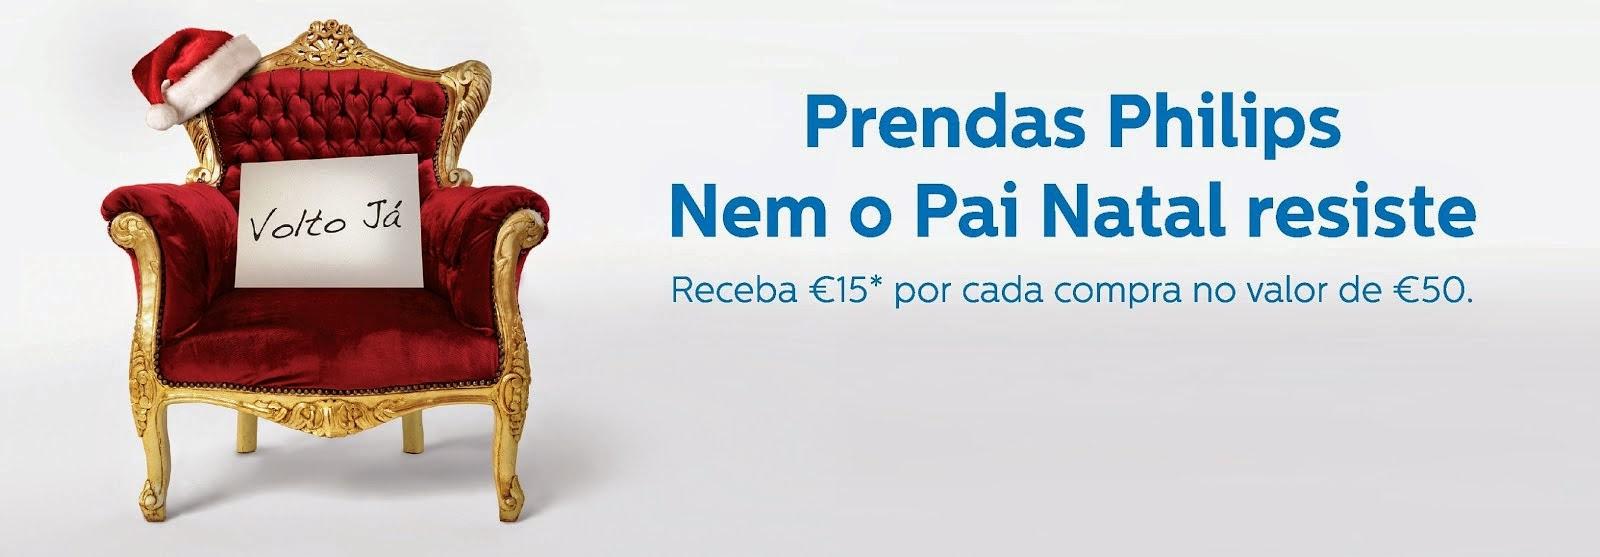 A Philips oferece este ano a possibilidade de receberes 15€* por cada compra no valor de 50€